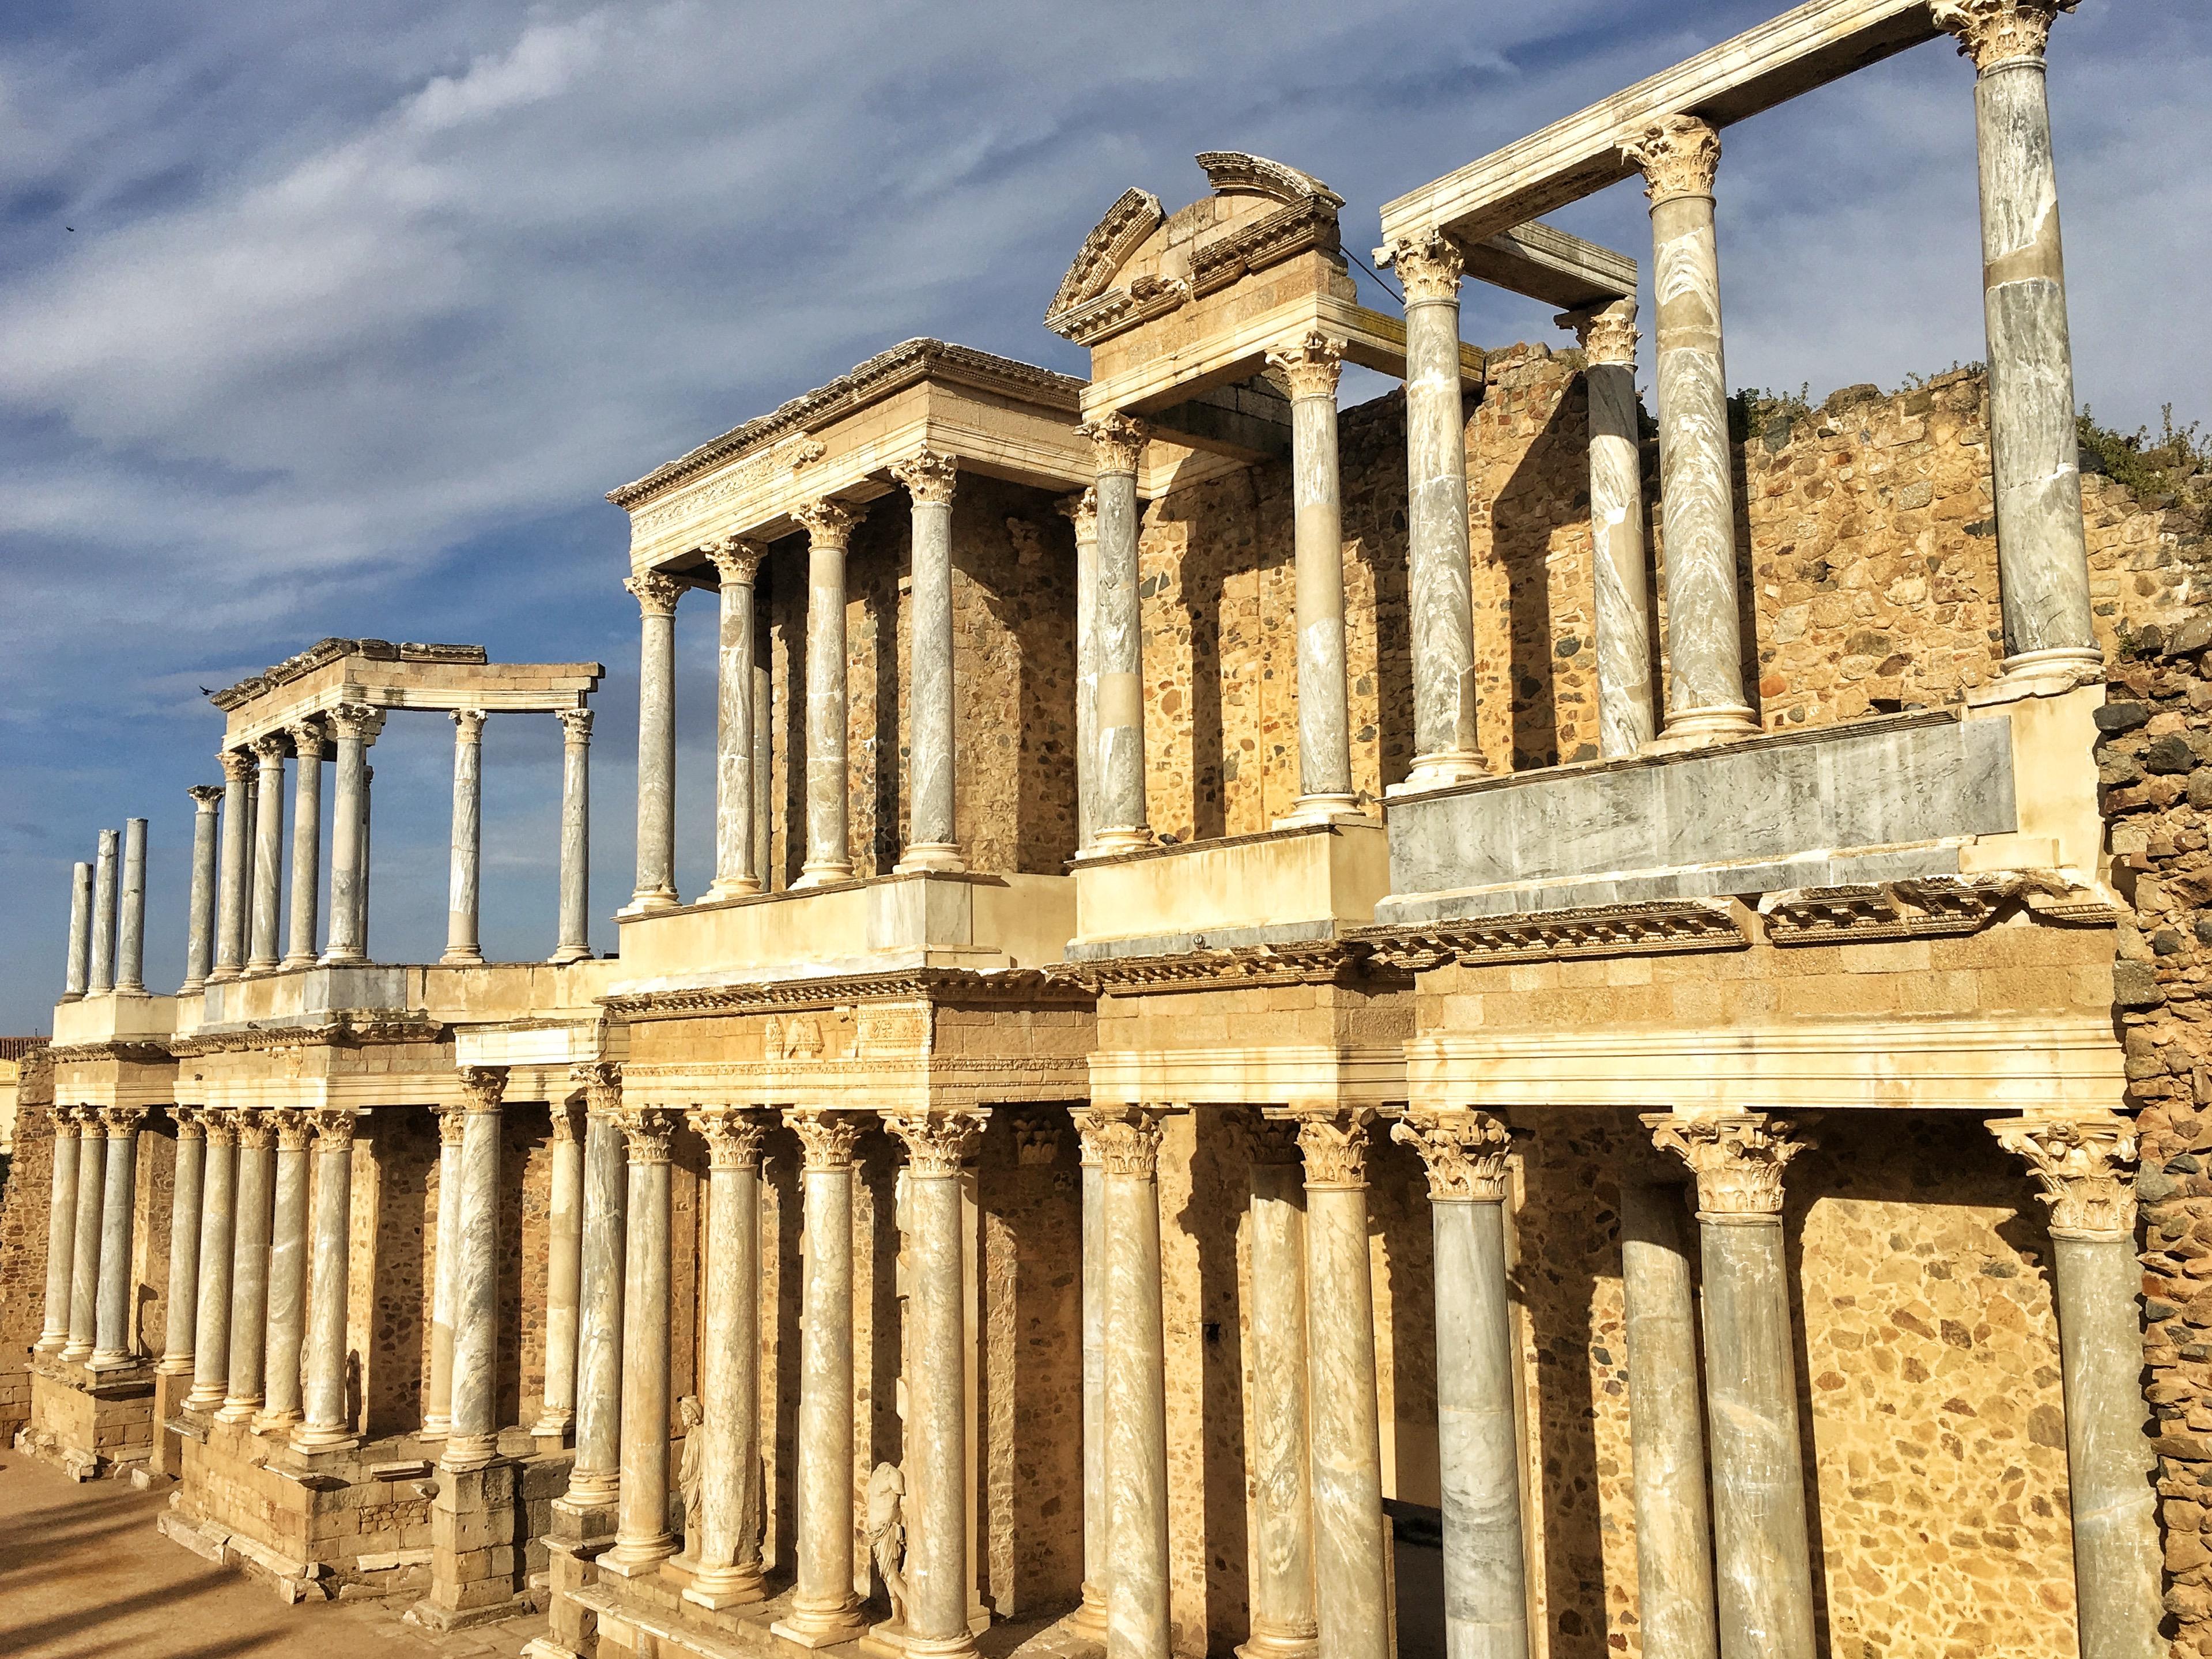 Römisches Theater in Mérida